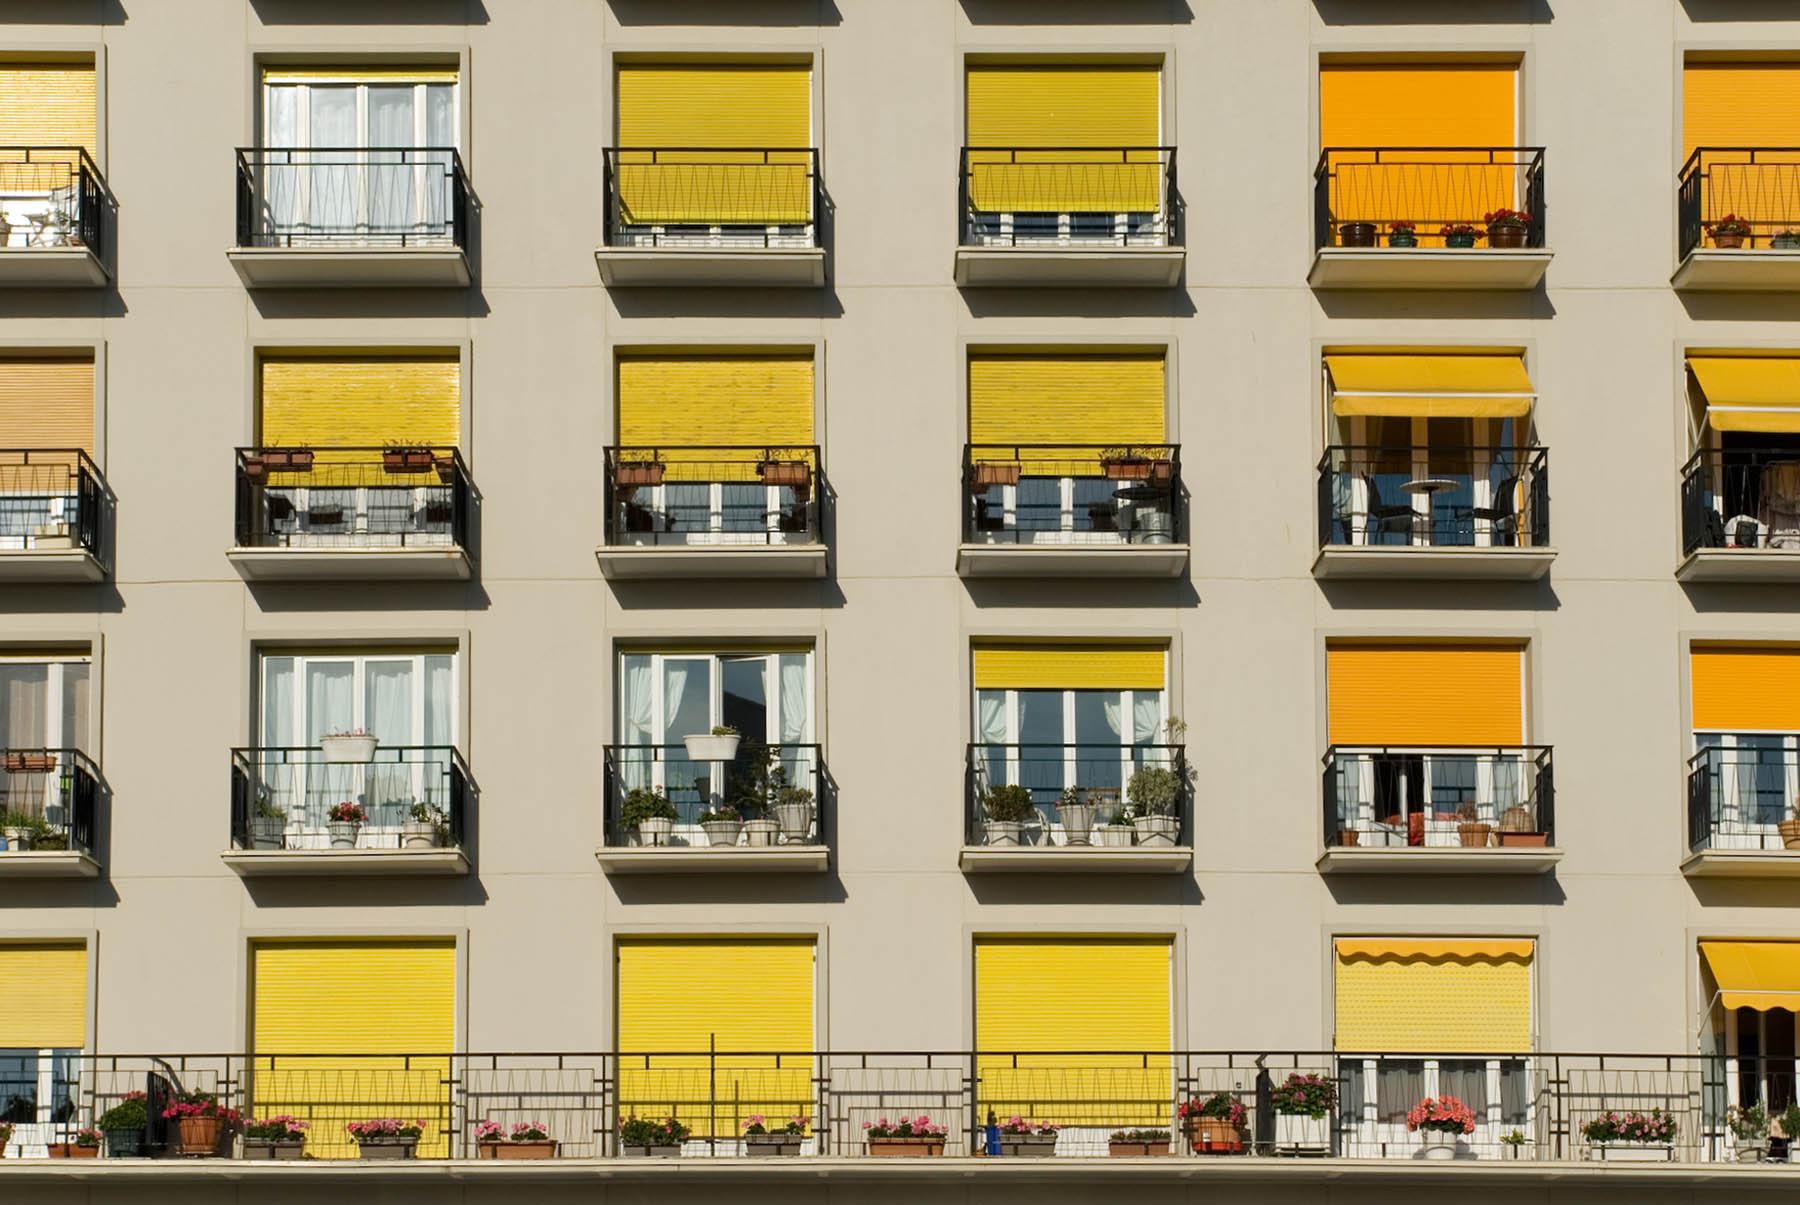 Le B Ton Le Havre Frankreich The Link Stadt Land